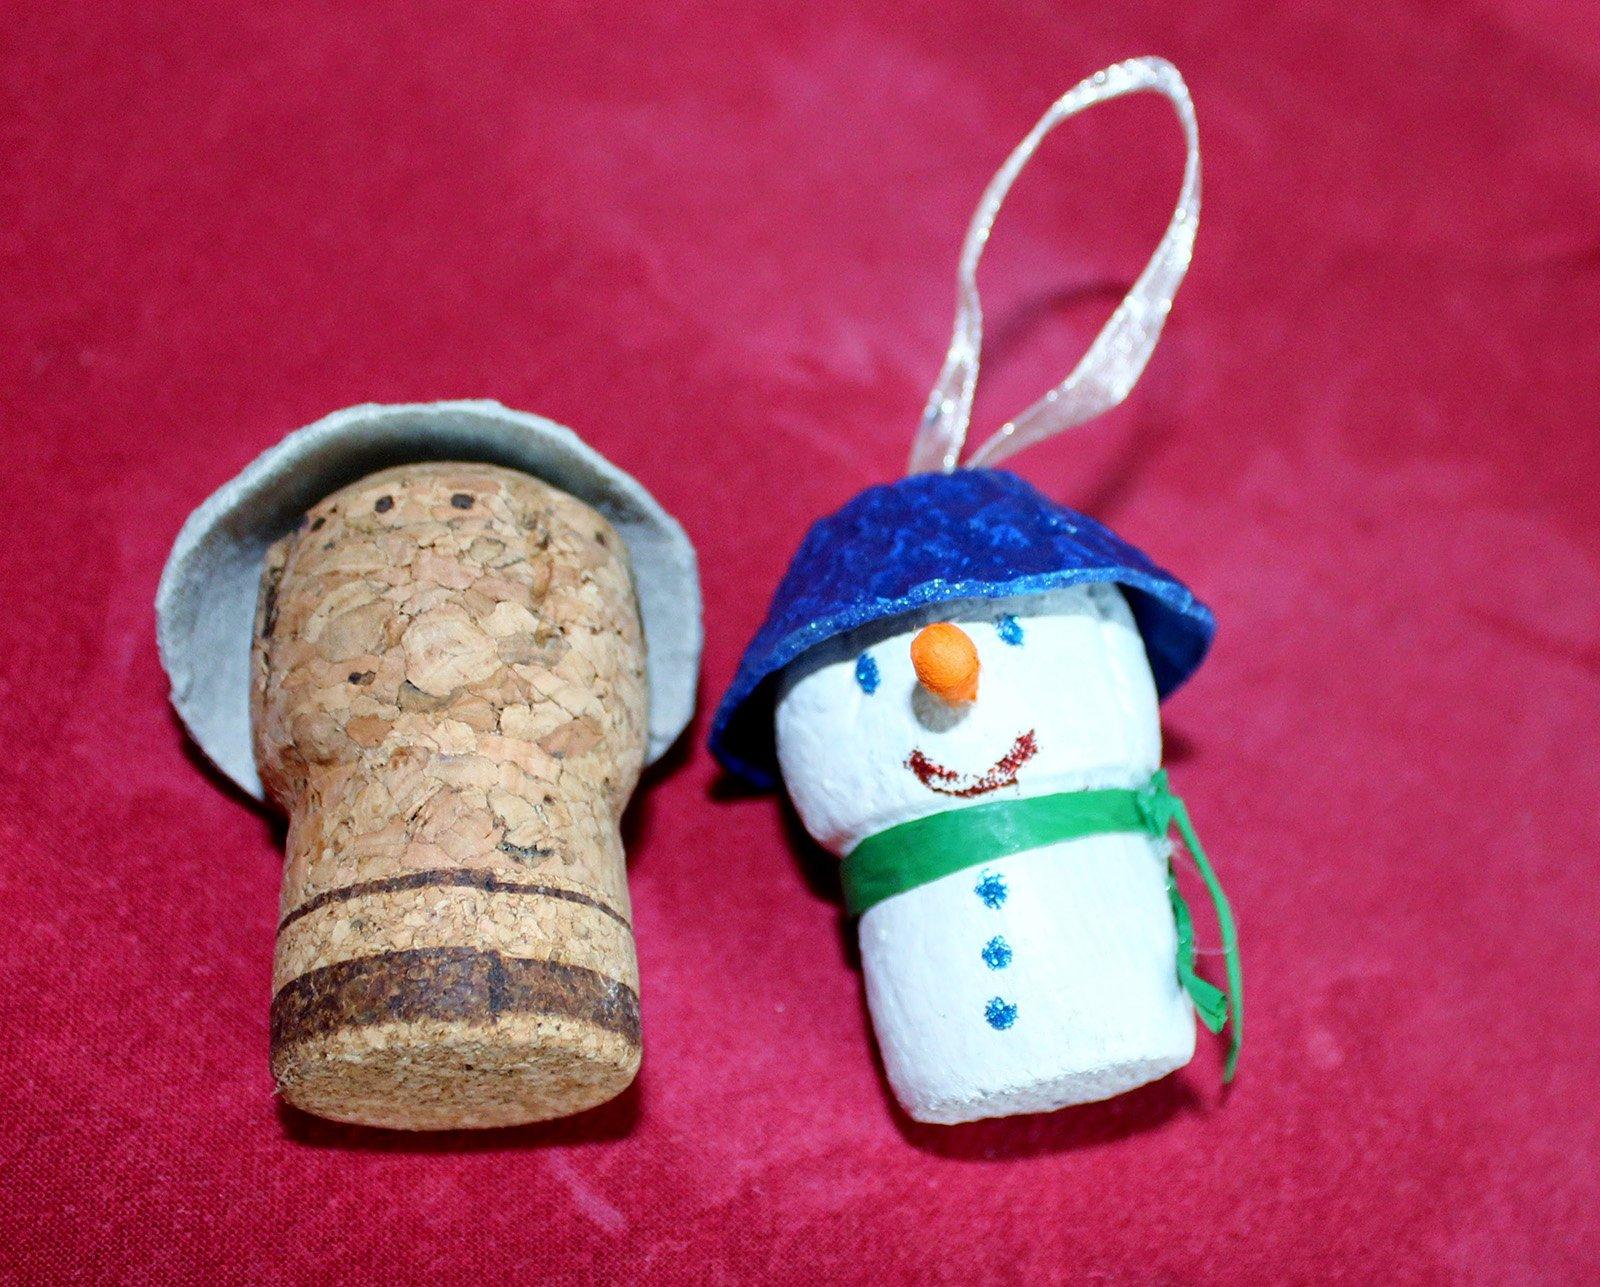 Decorazioni natalizie mini addobbi fai da te per l 39 albero - Decorazioni di natale con materiale riciclato ...